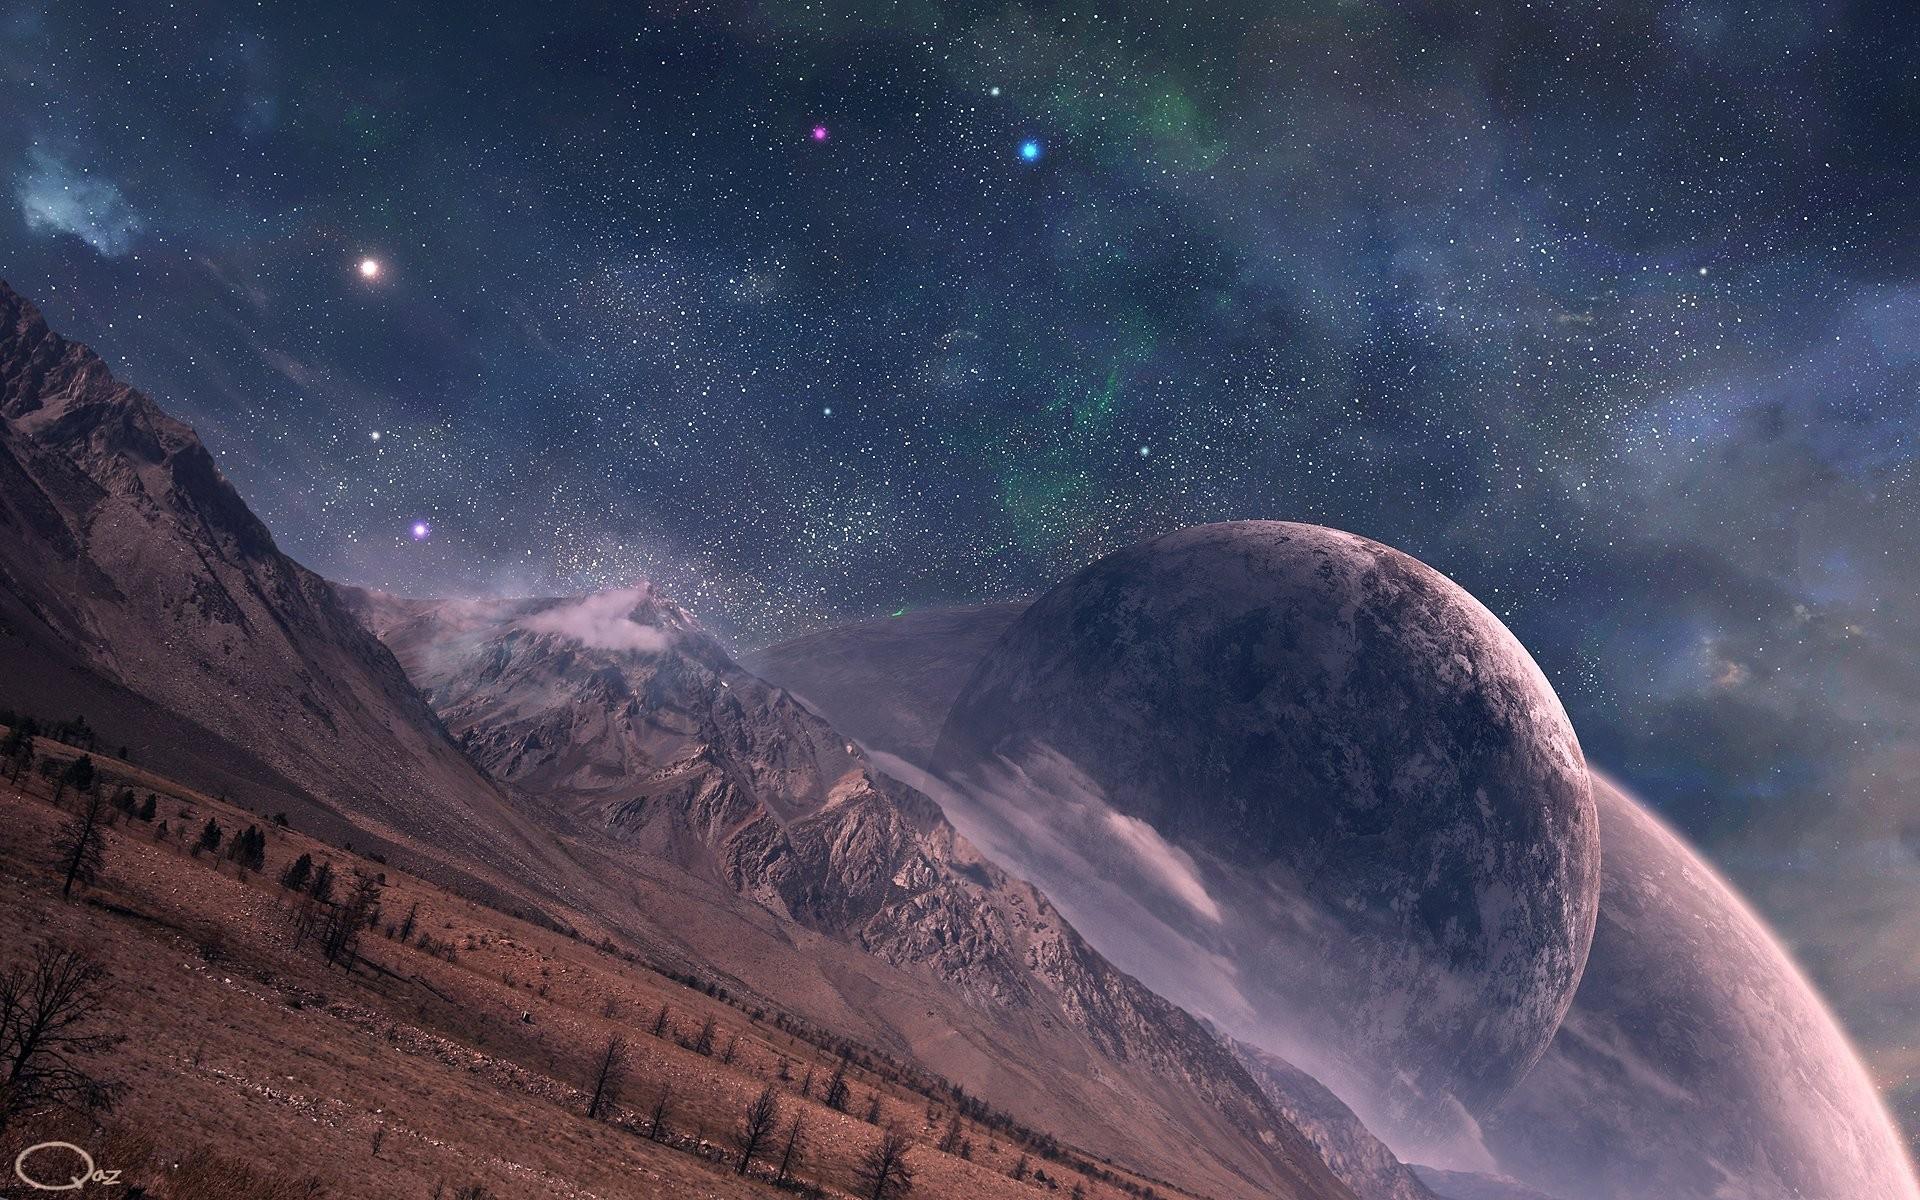 фото галактика фэнтези безмятежность расположенные буквы стене